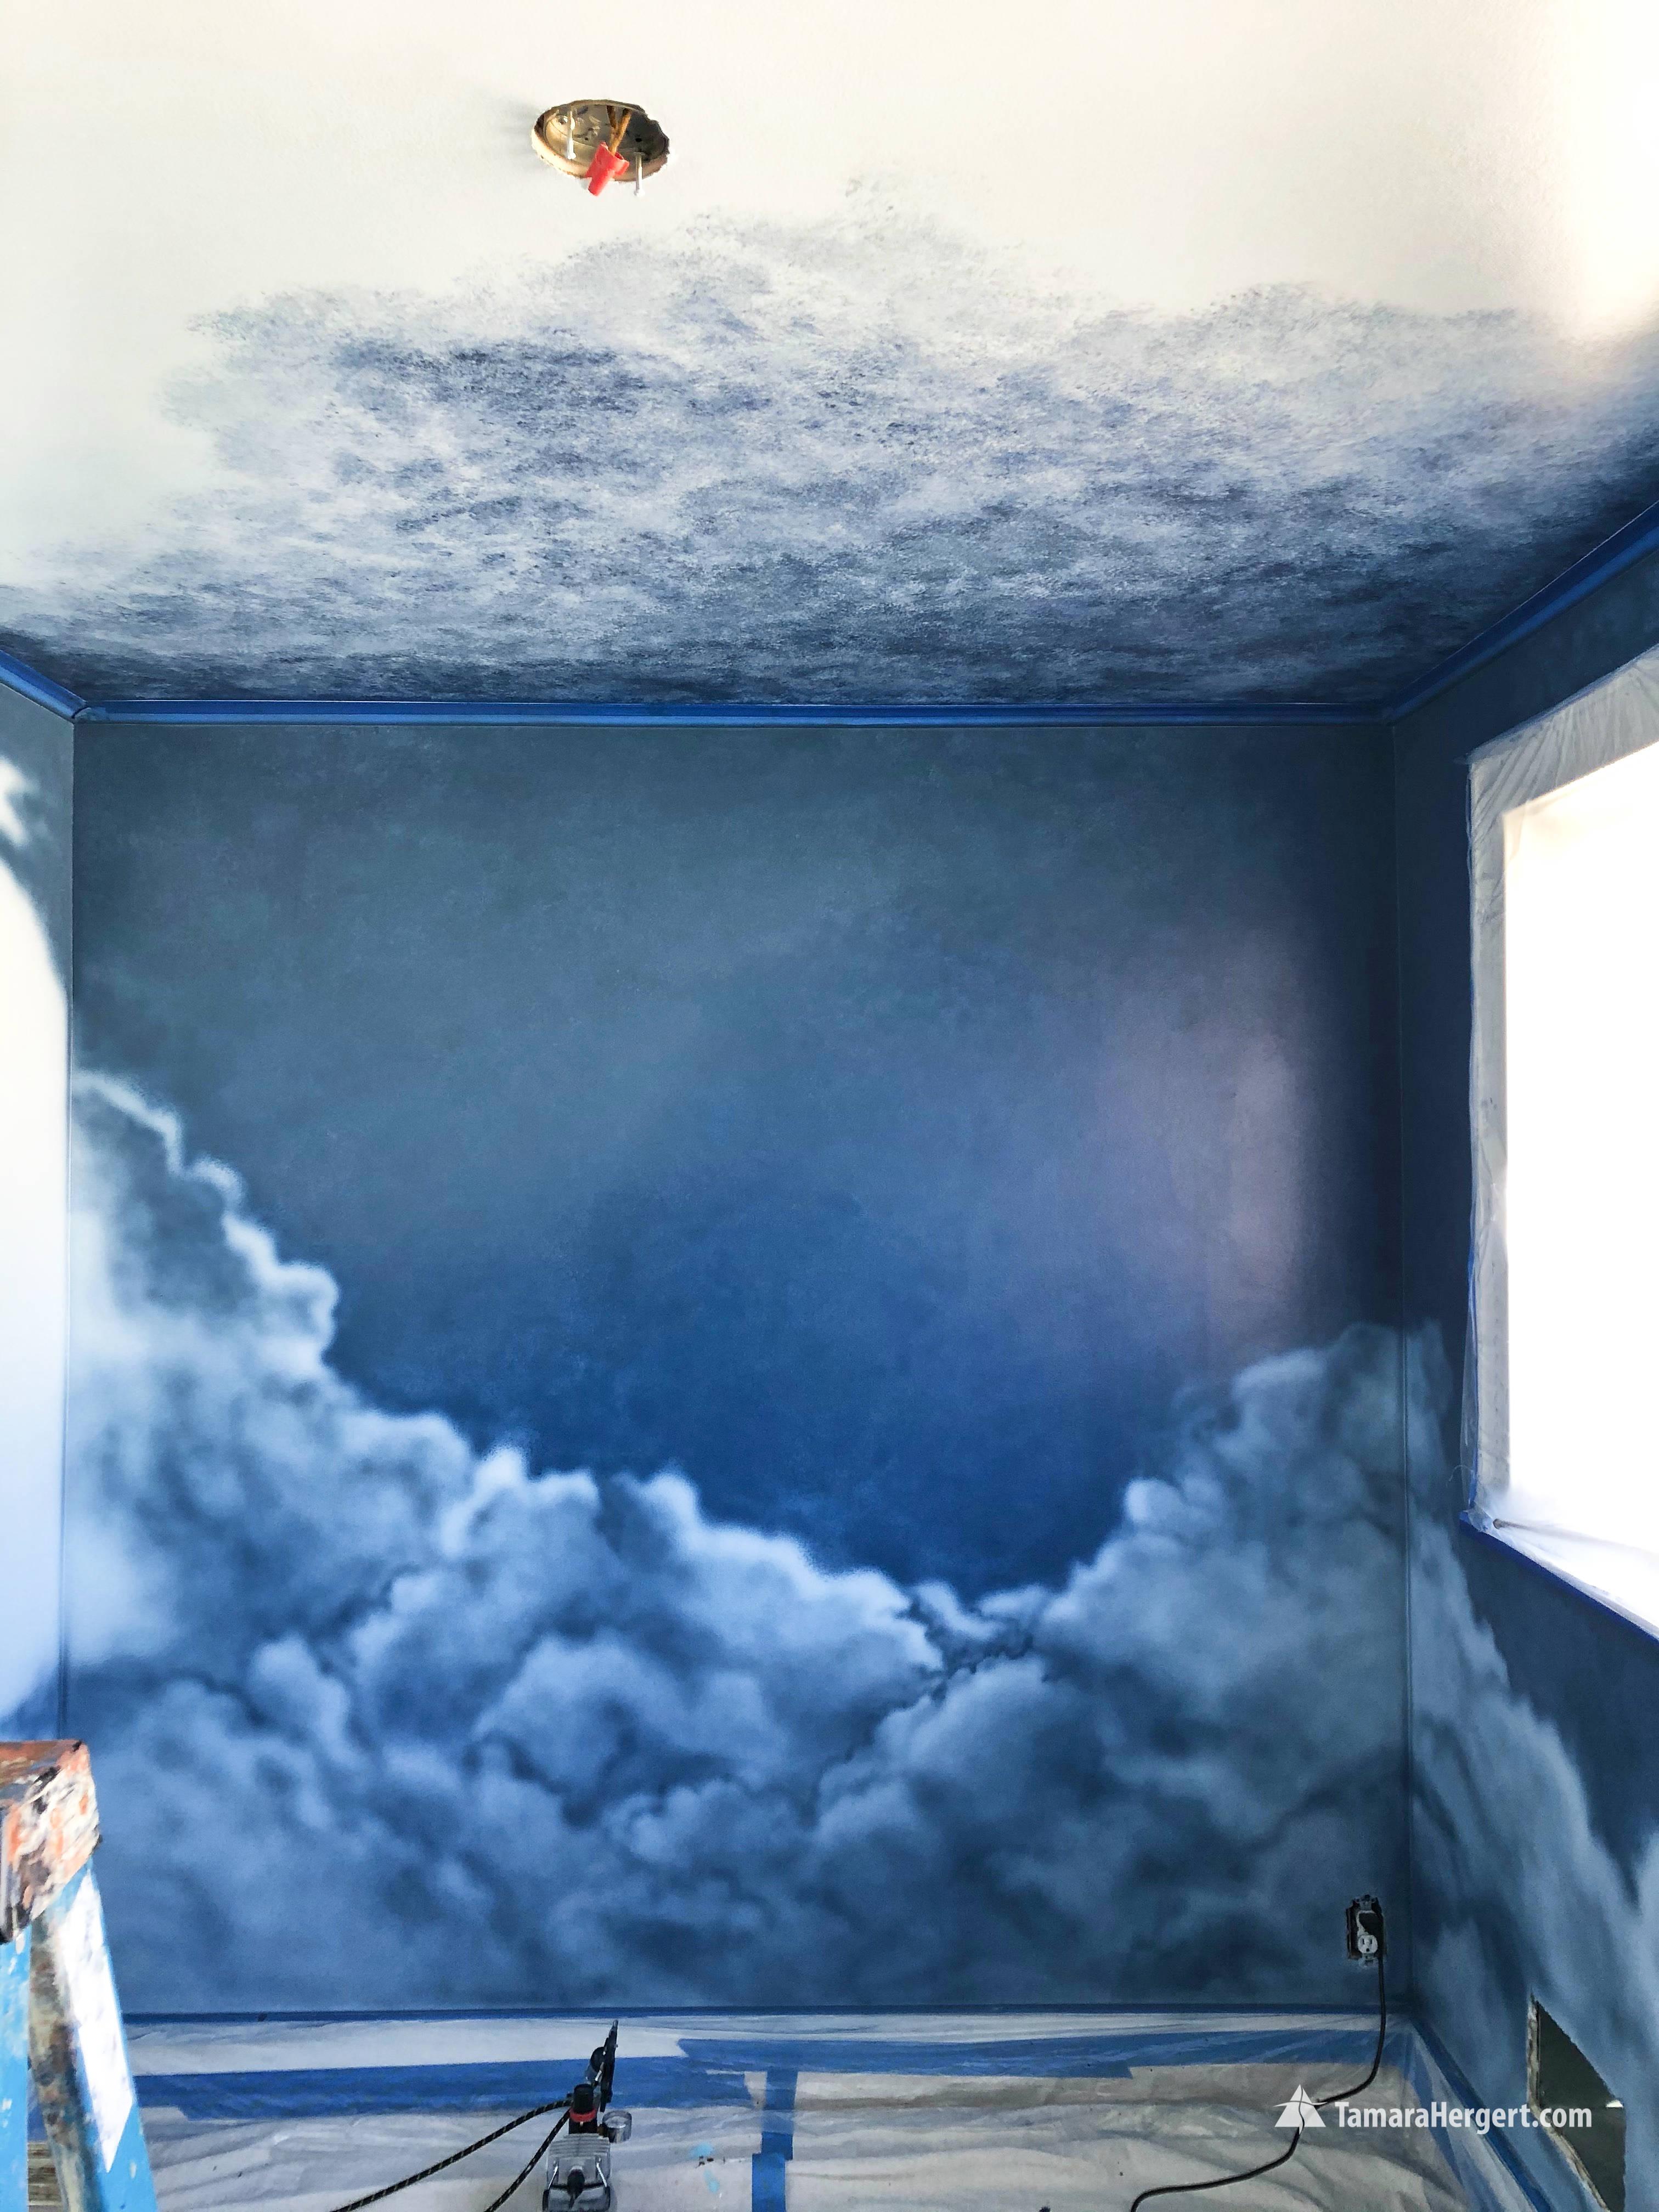 Night and Day mural by Tamara Hergert 4.